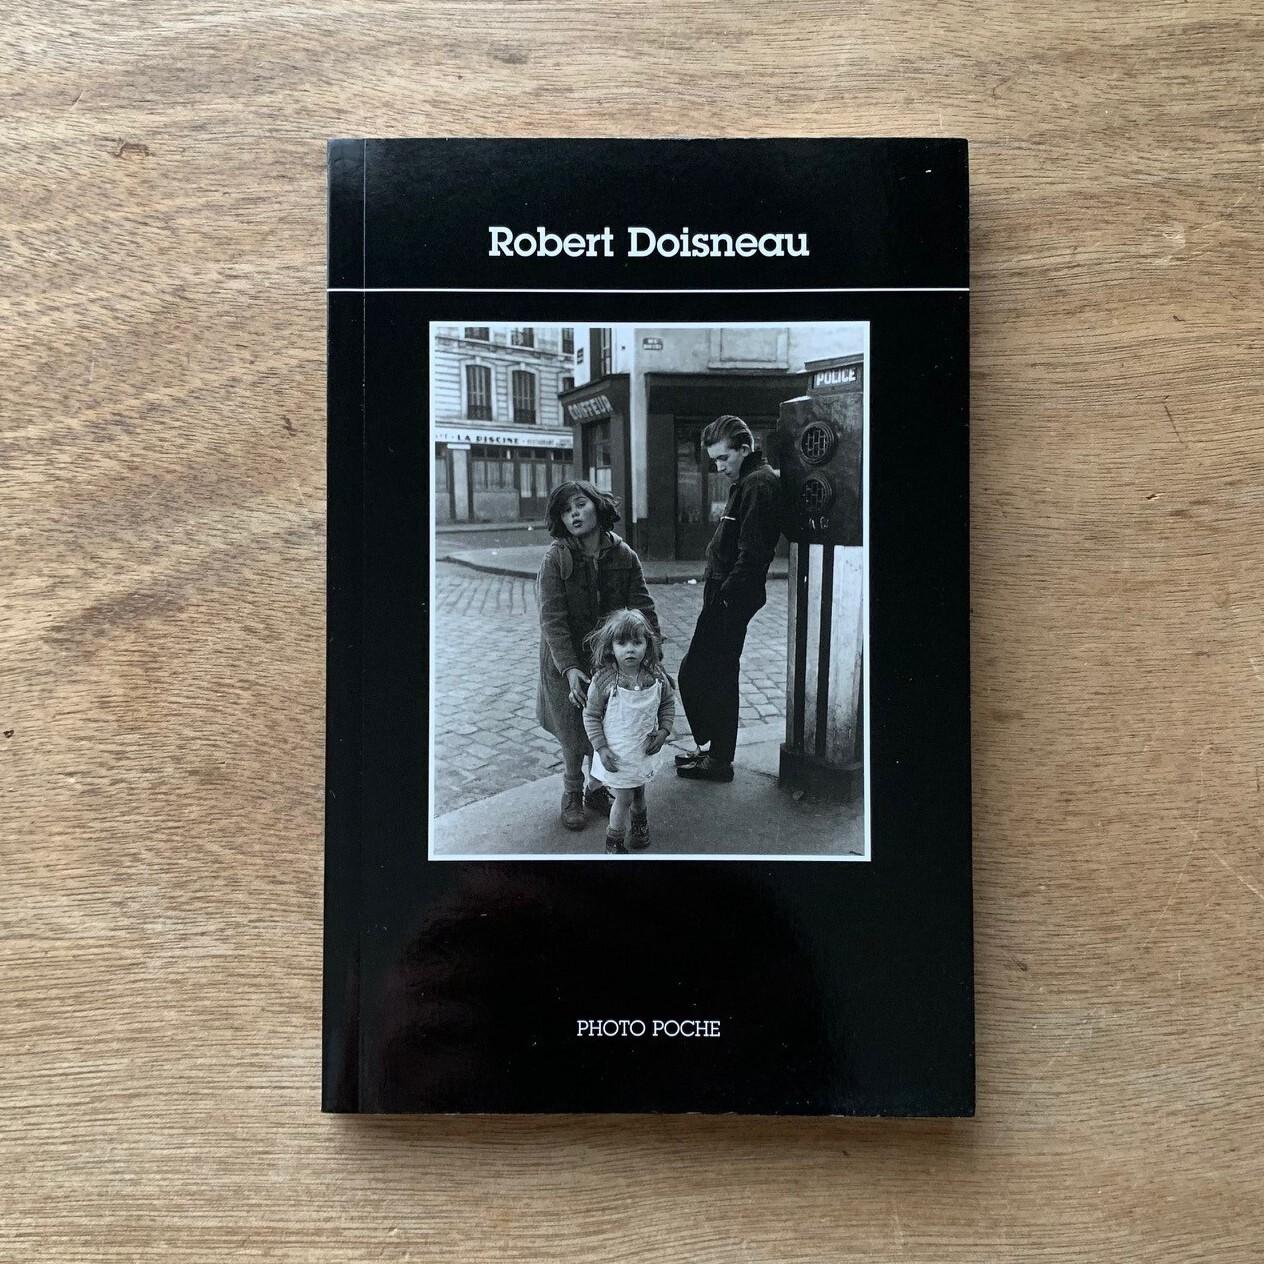 Robert Doisneau   (ロベール・ドアノー) PHOTO POCHE 5